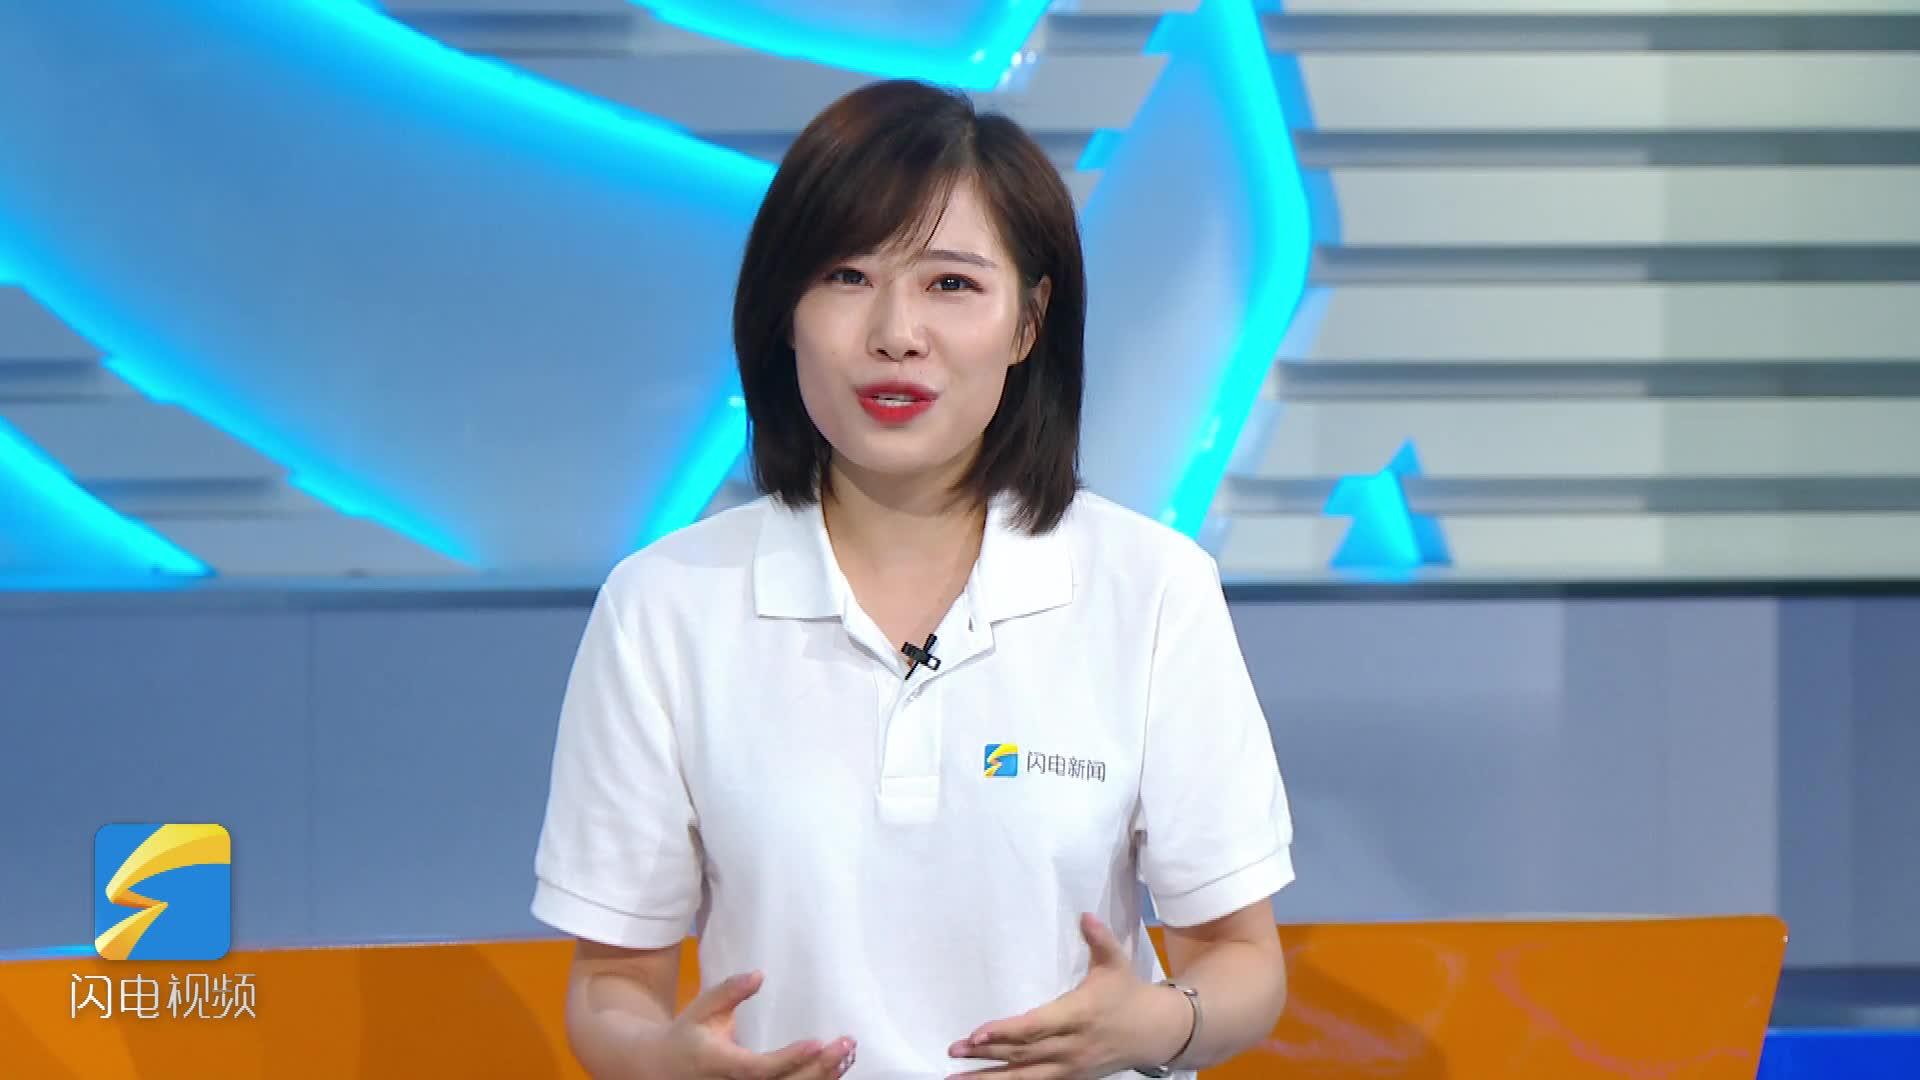 新闻背后 | 殷明慧:我为群众办实事 努力践行初心、温暖人心